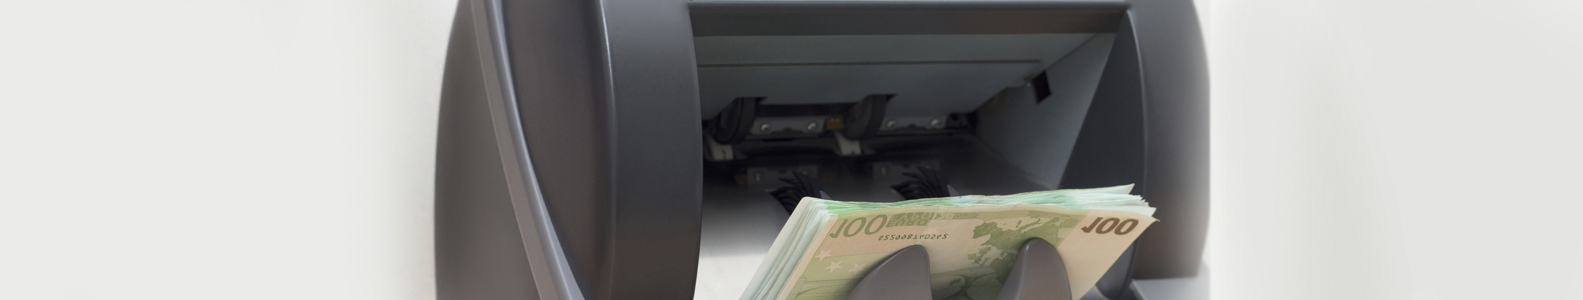 Pinigų skaičiavimo aparatai,  pinigų pakavimo aparatai